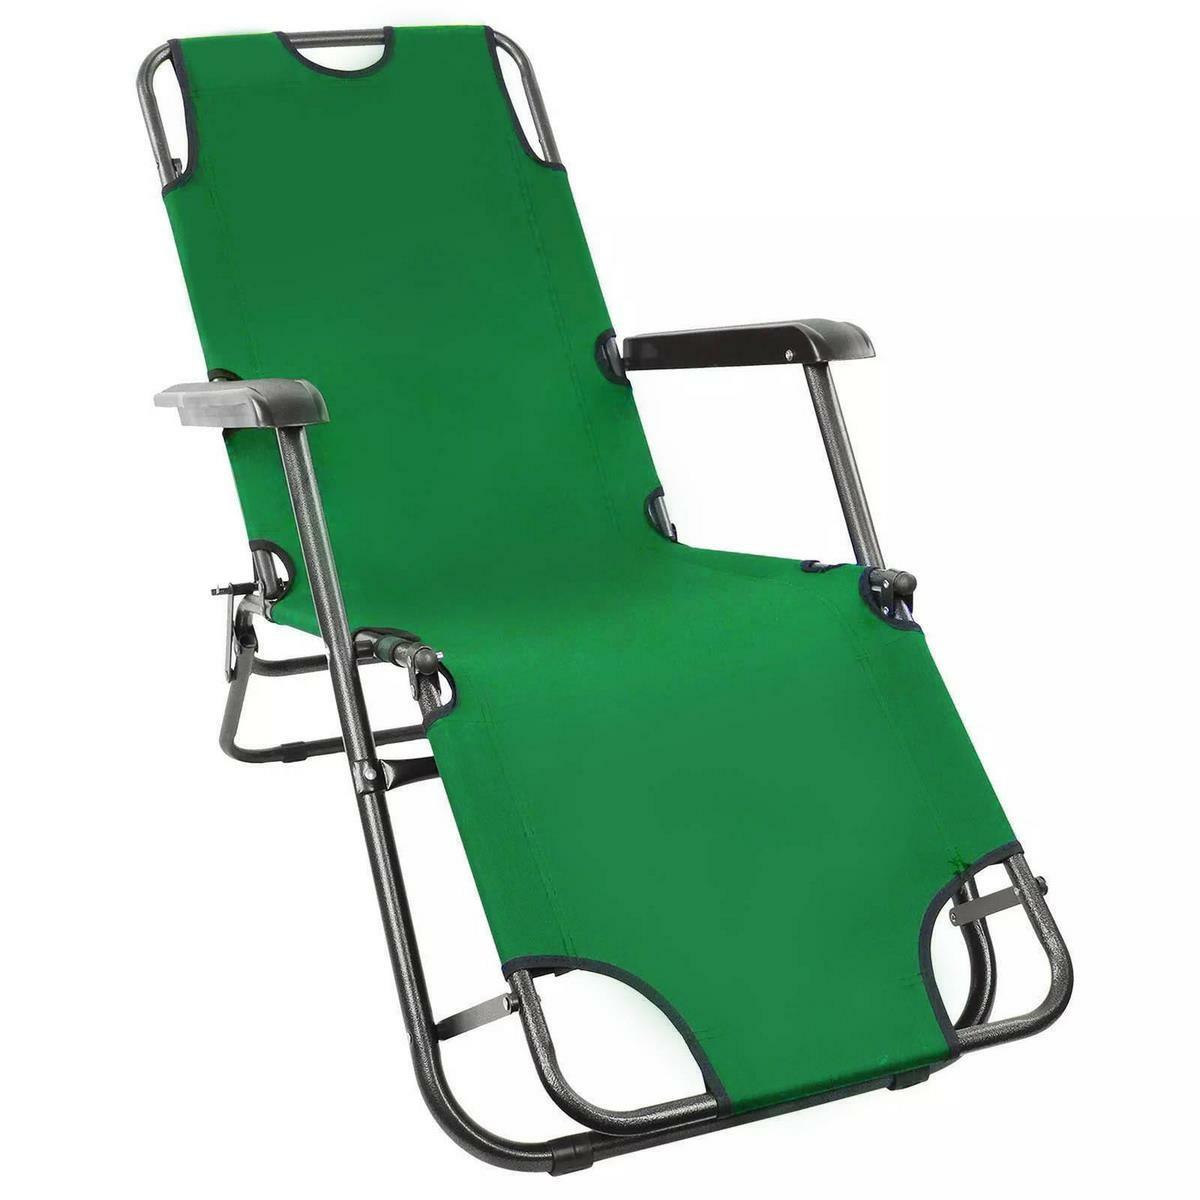 ISwing Polohovacie záhradné a plážové ležadlo Comfort, zelená, 153 x 60 x 80 cm